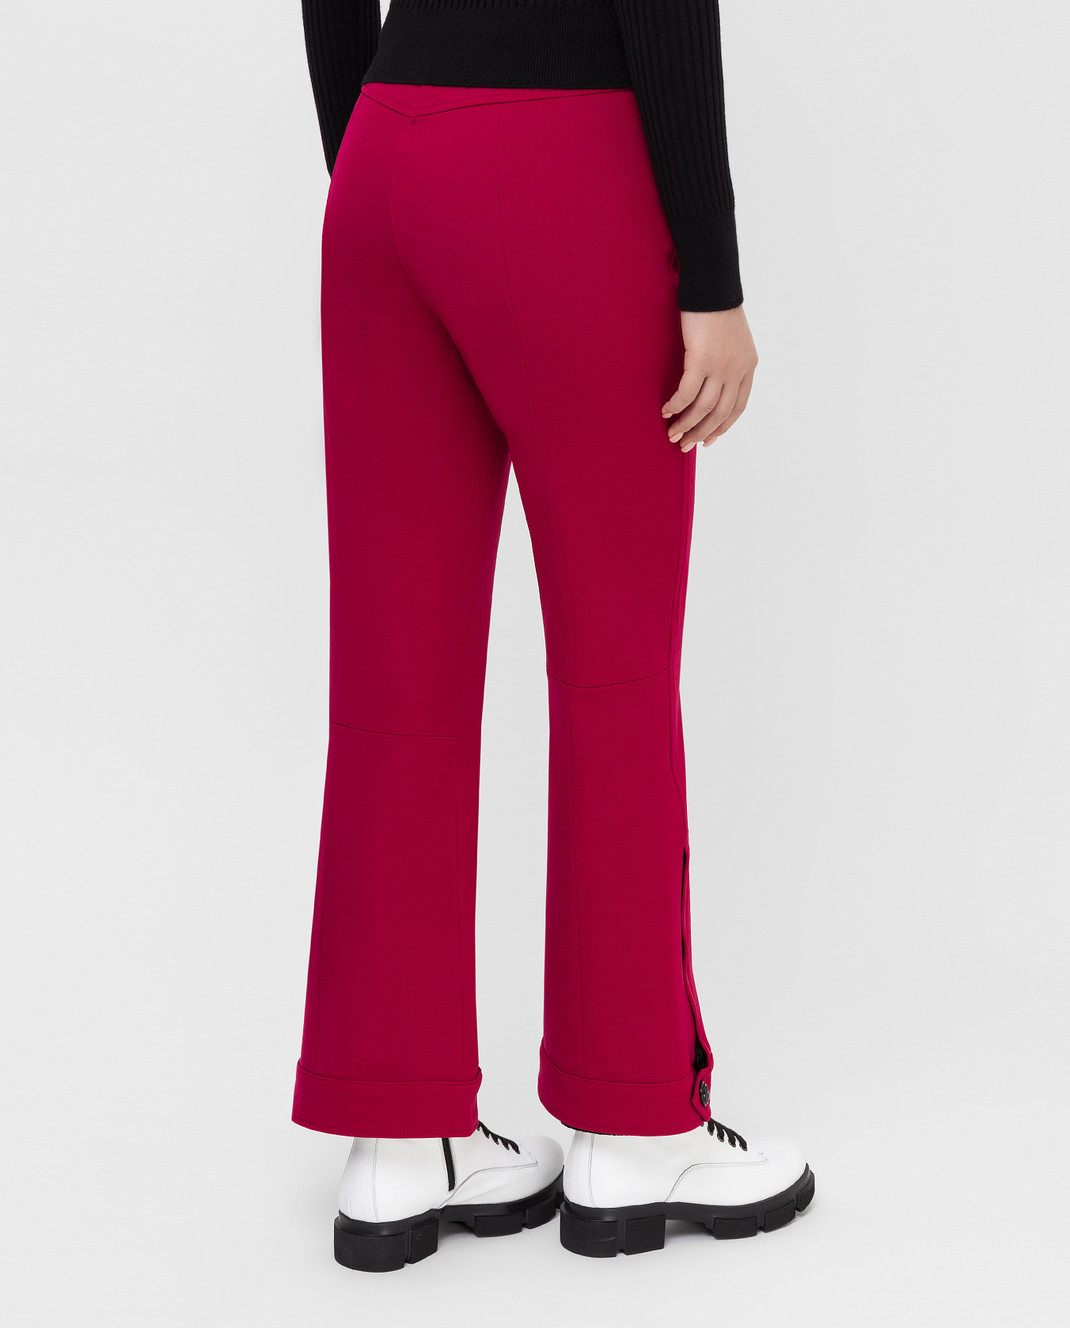 Moncler Grenoble Малиновые лыжные брюки изображение 4